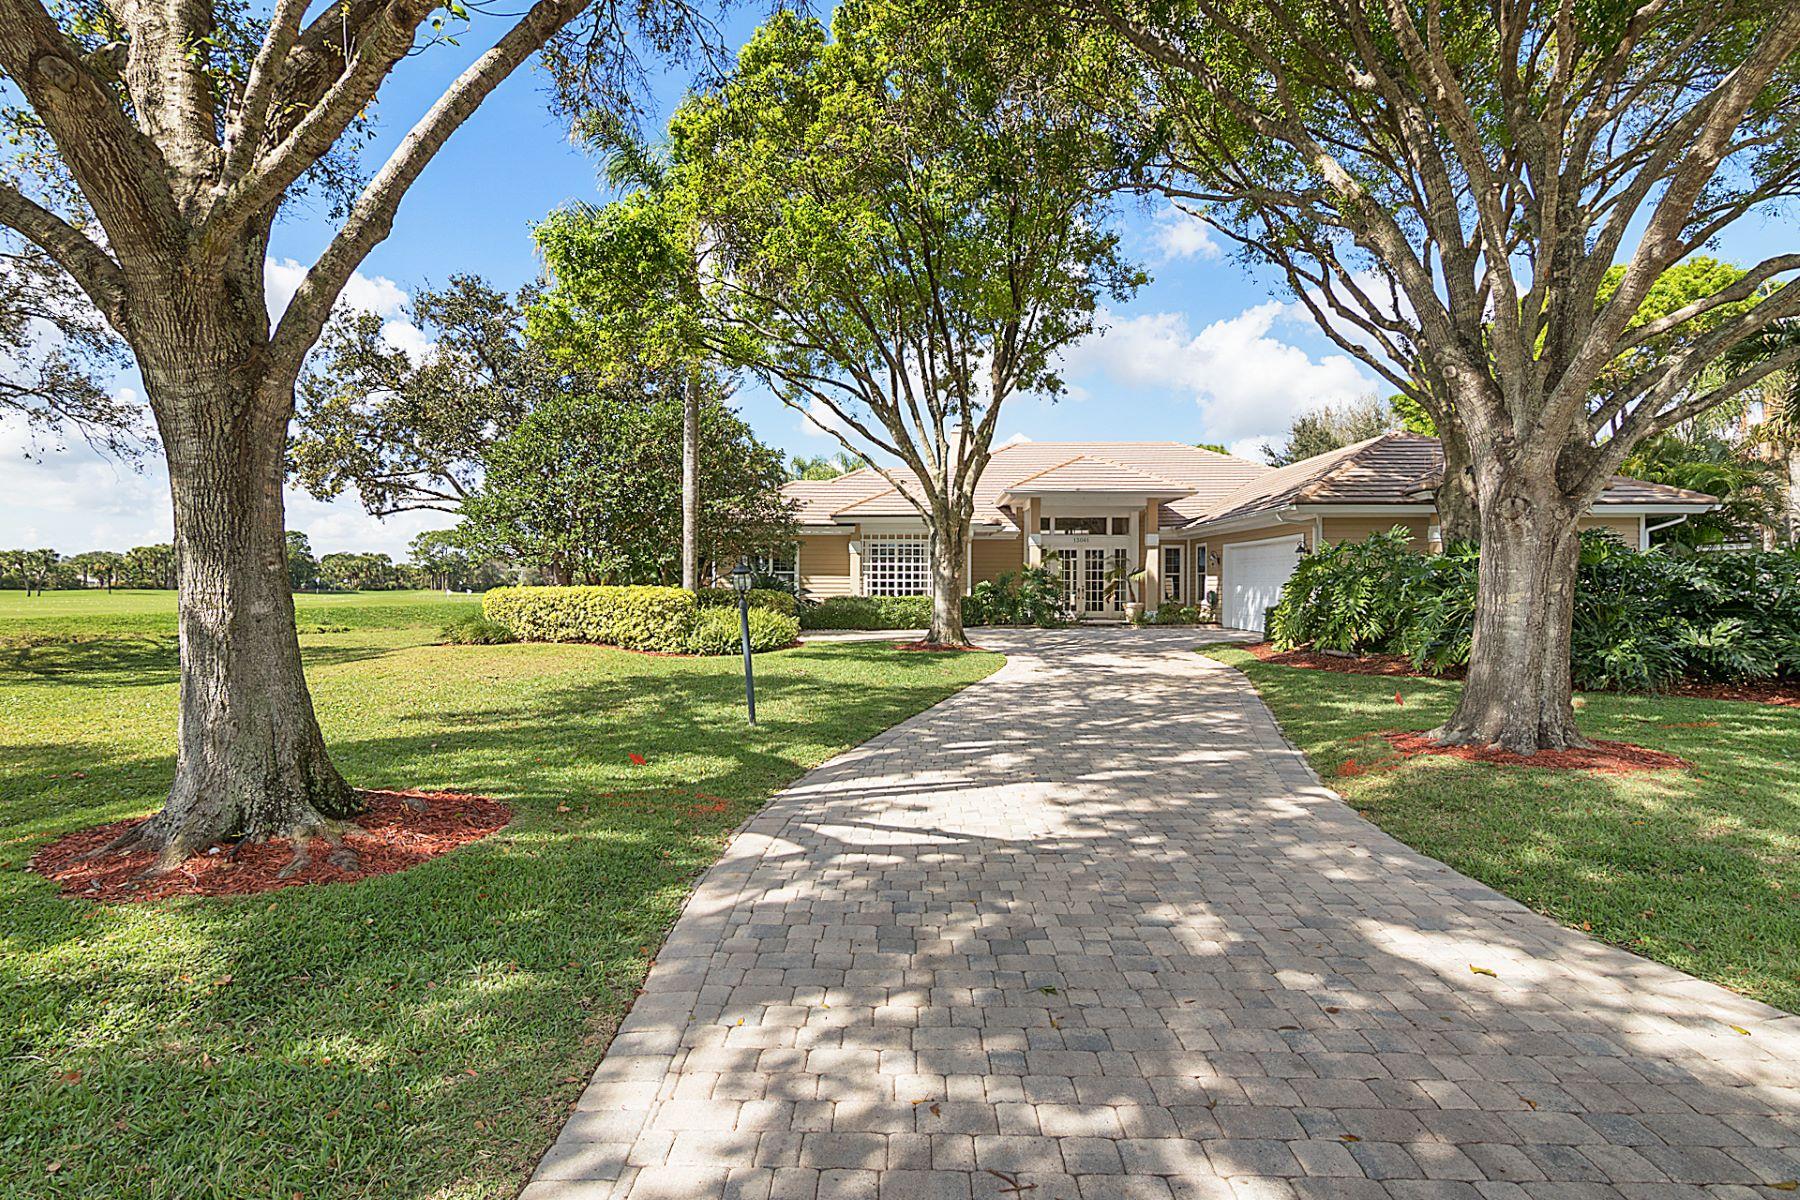 独户住宅 为 销售 在 13061 Sabal Chase Old Marsh Golf Club, 棕榈滩花园, 佛罗里达州, 33418 美国